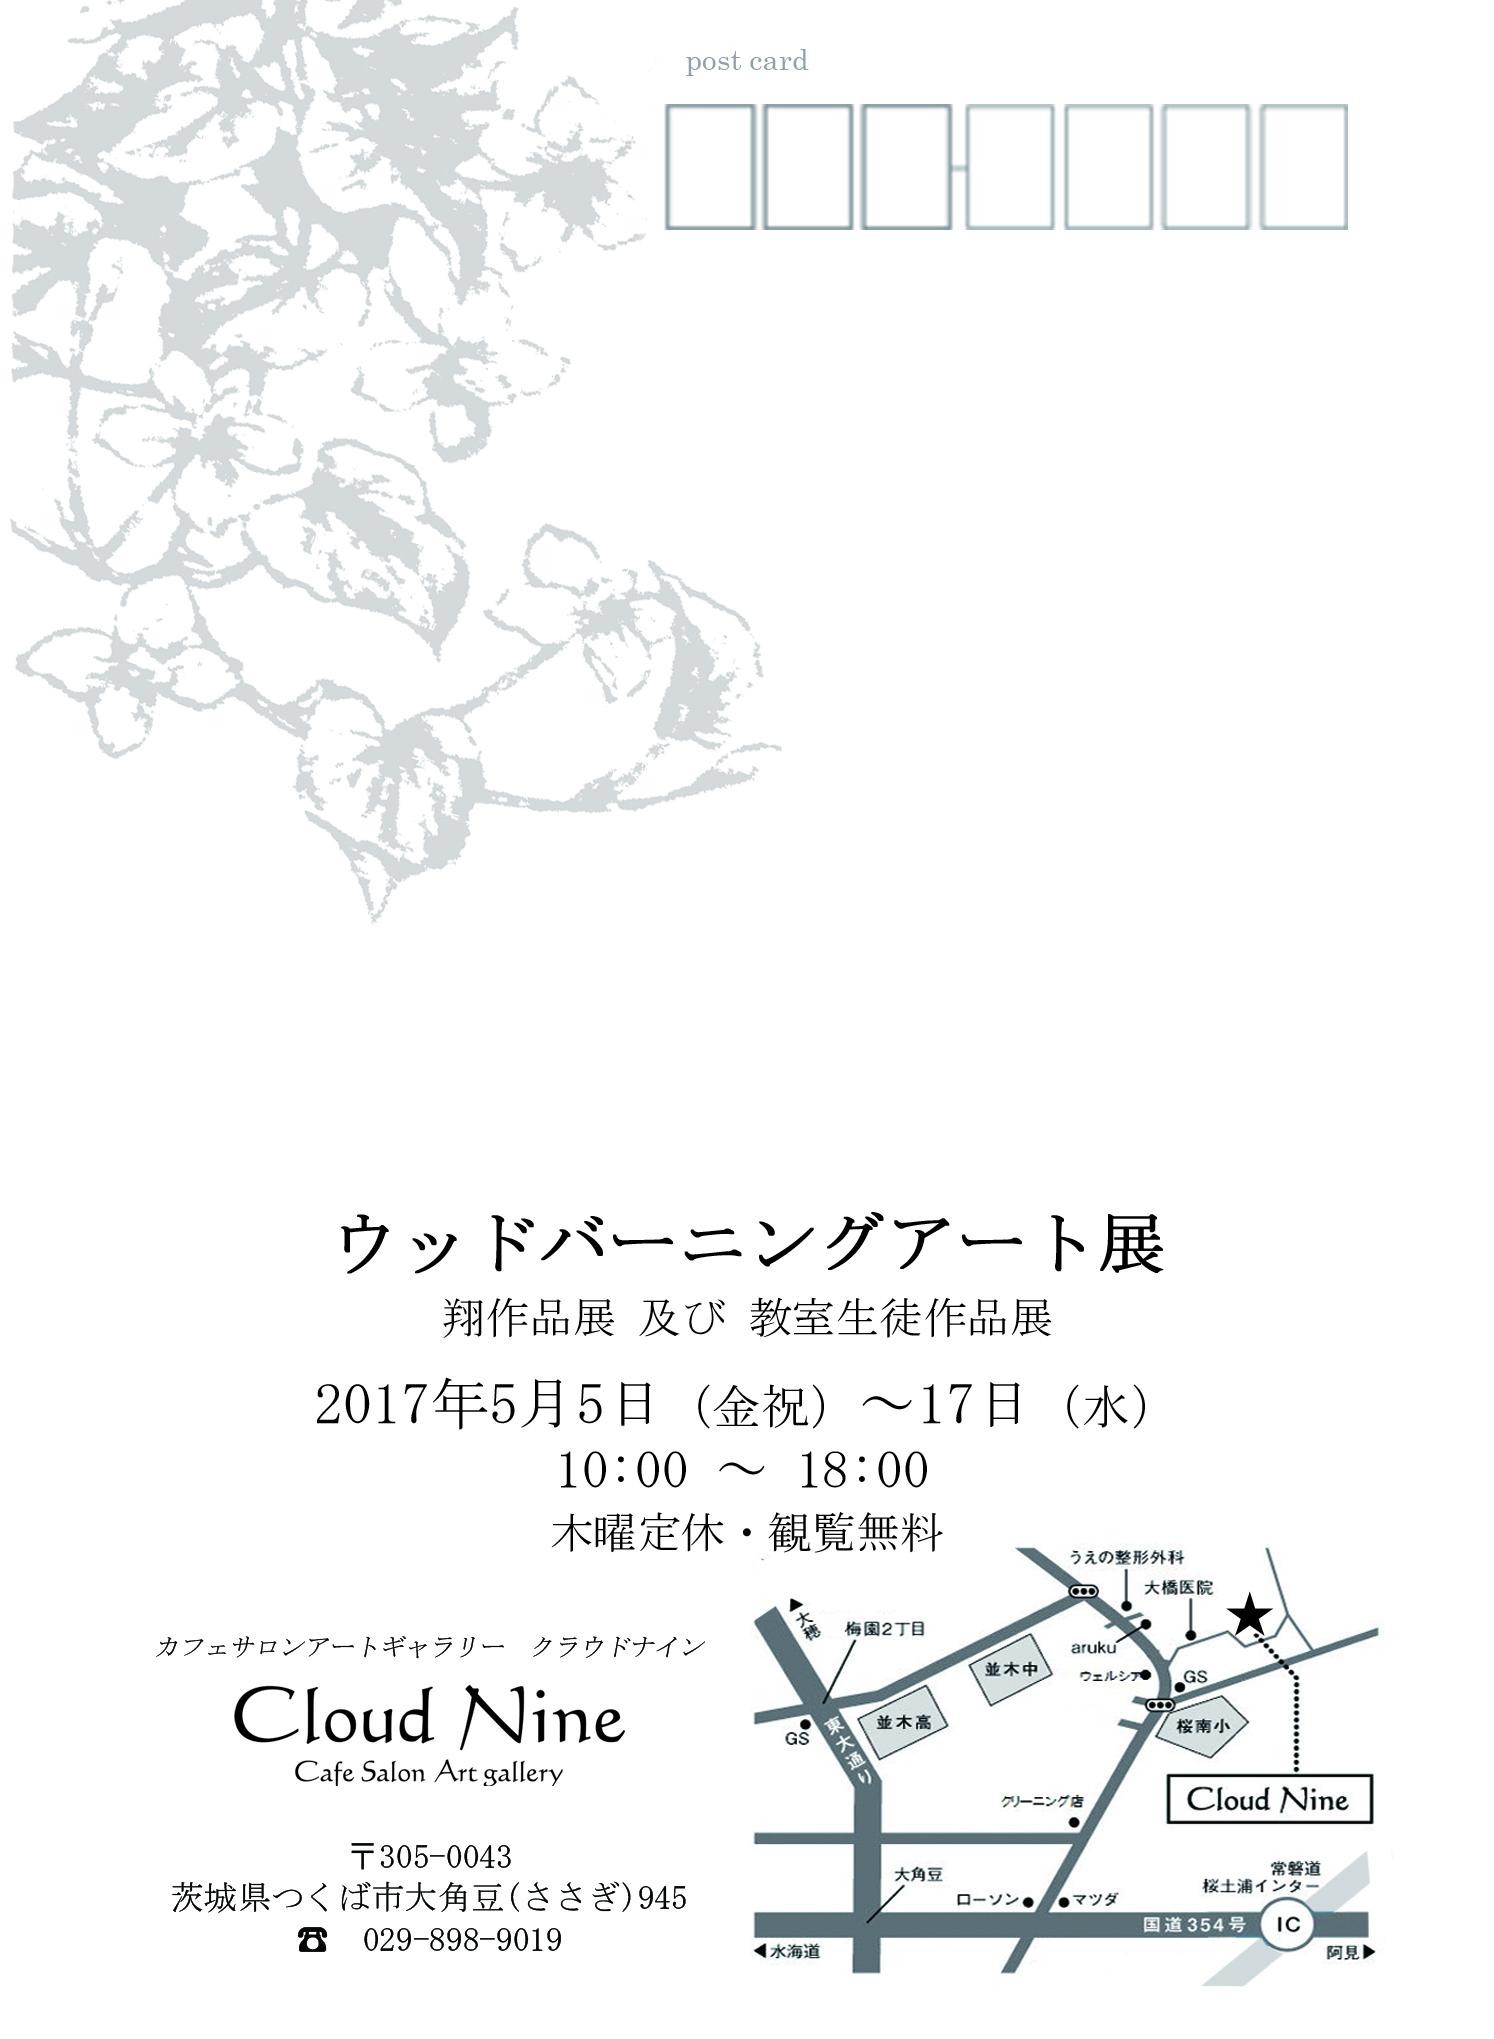 2017年ウッドバーニング展表面のコピー